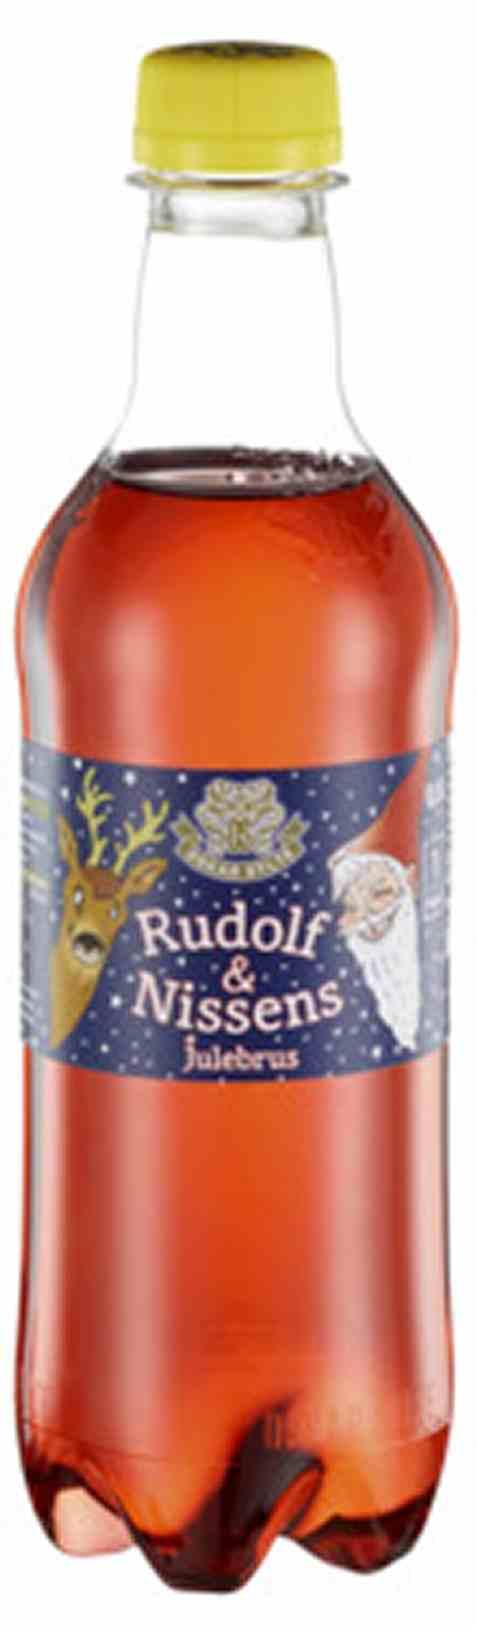 Bilde av Oskar Sylte Rudolf og Nissens Julebrus 0,5l.